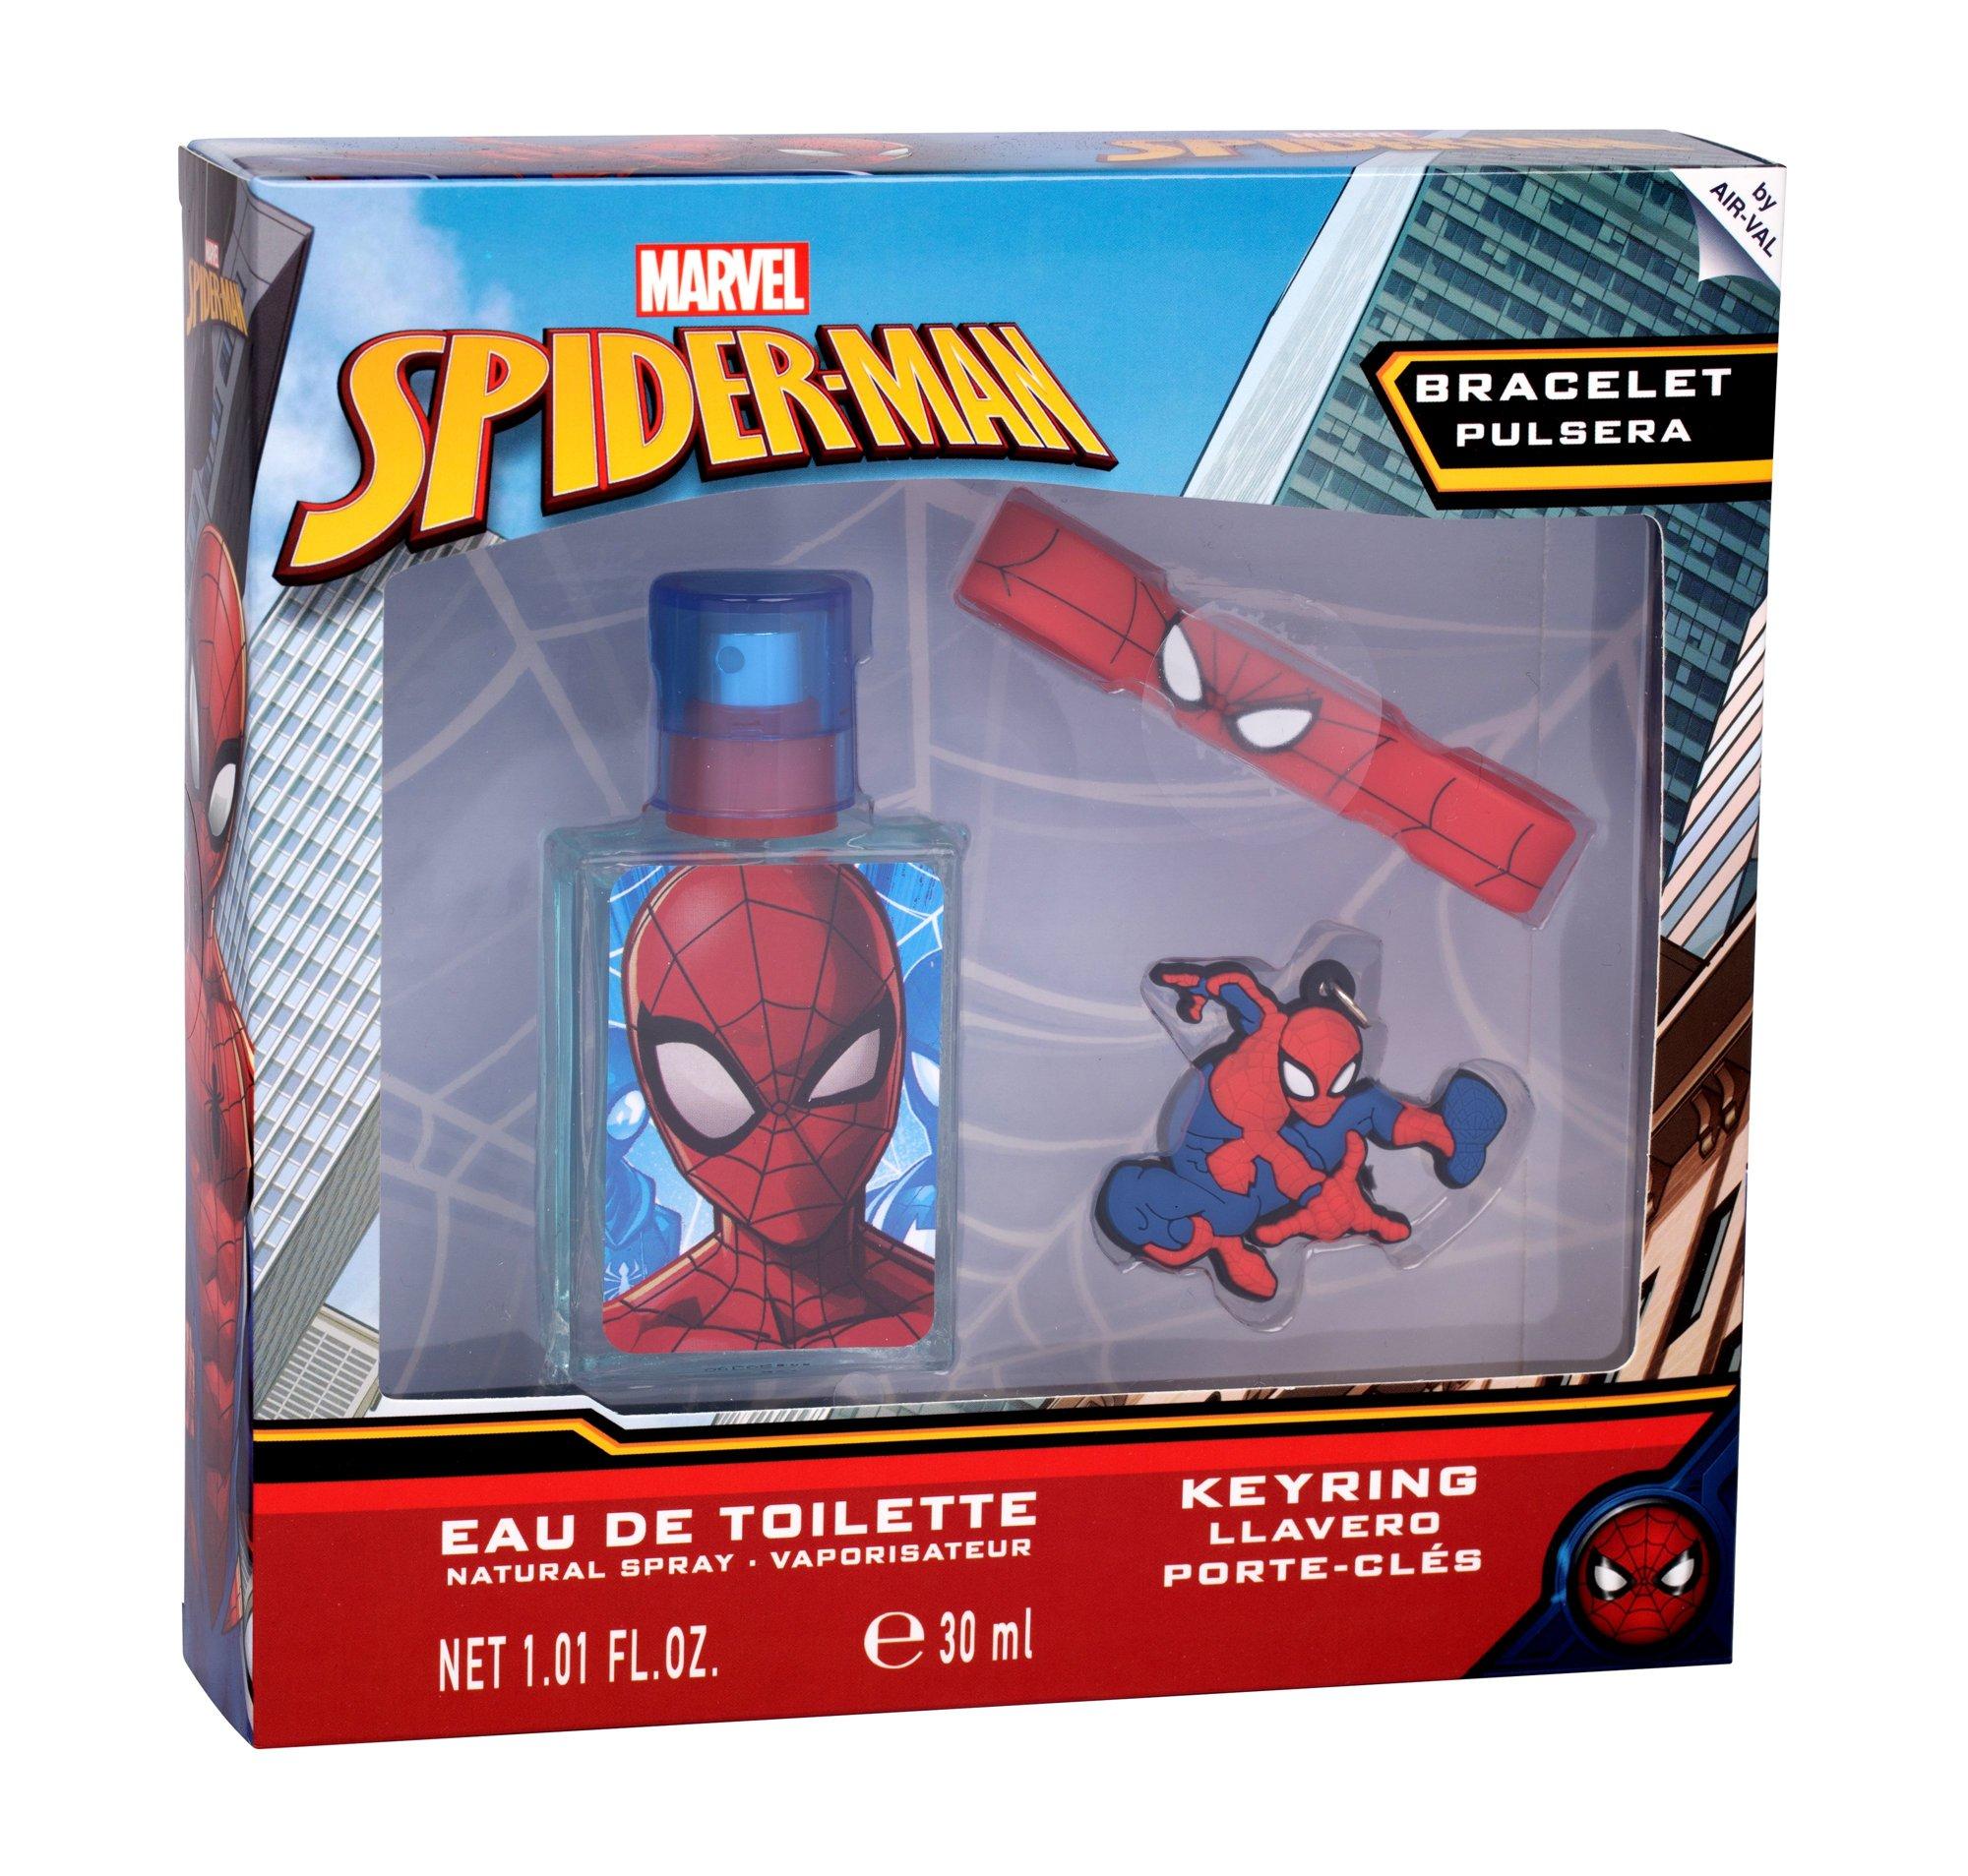 Marvel Spiderman Eau de Toilette 30ml